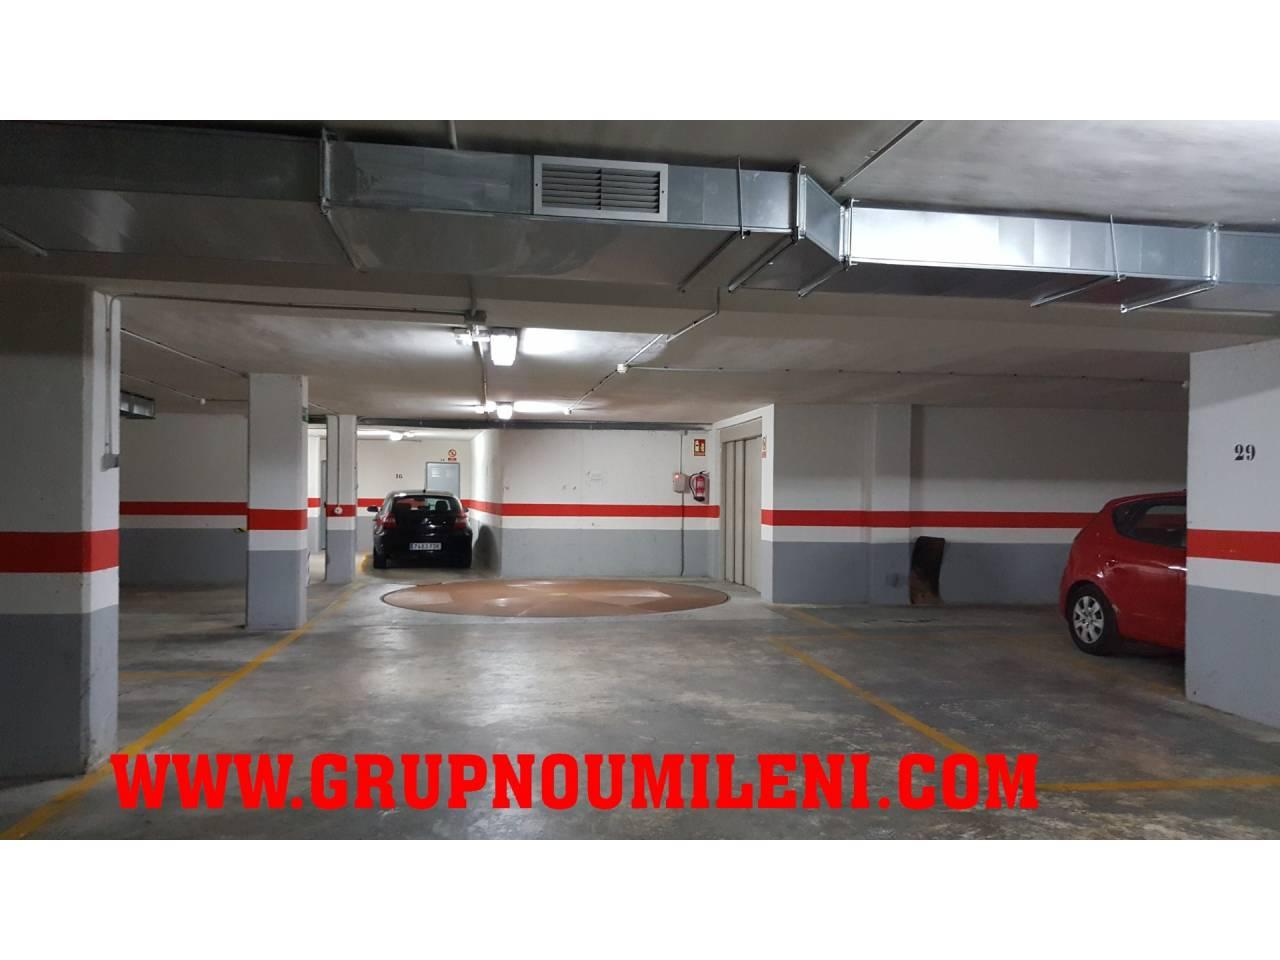 Aparcament cotxe  Calle francisco almarche. Superficie total 8 m², garaje superficie útil 6 m², ascensor (el